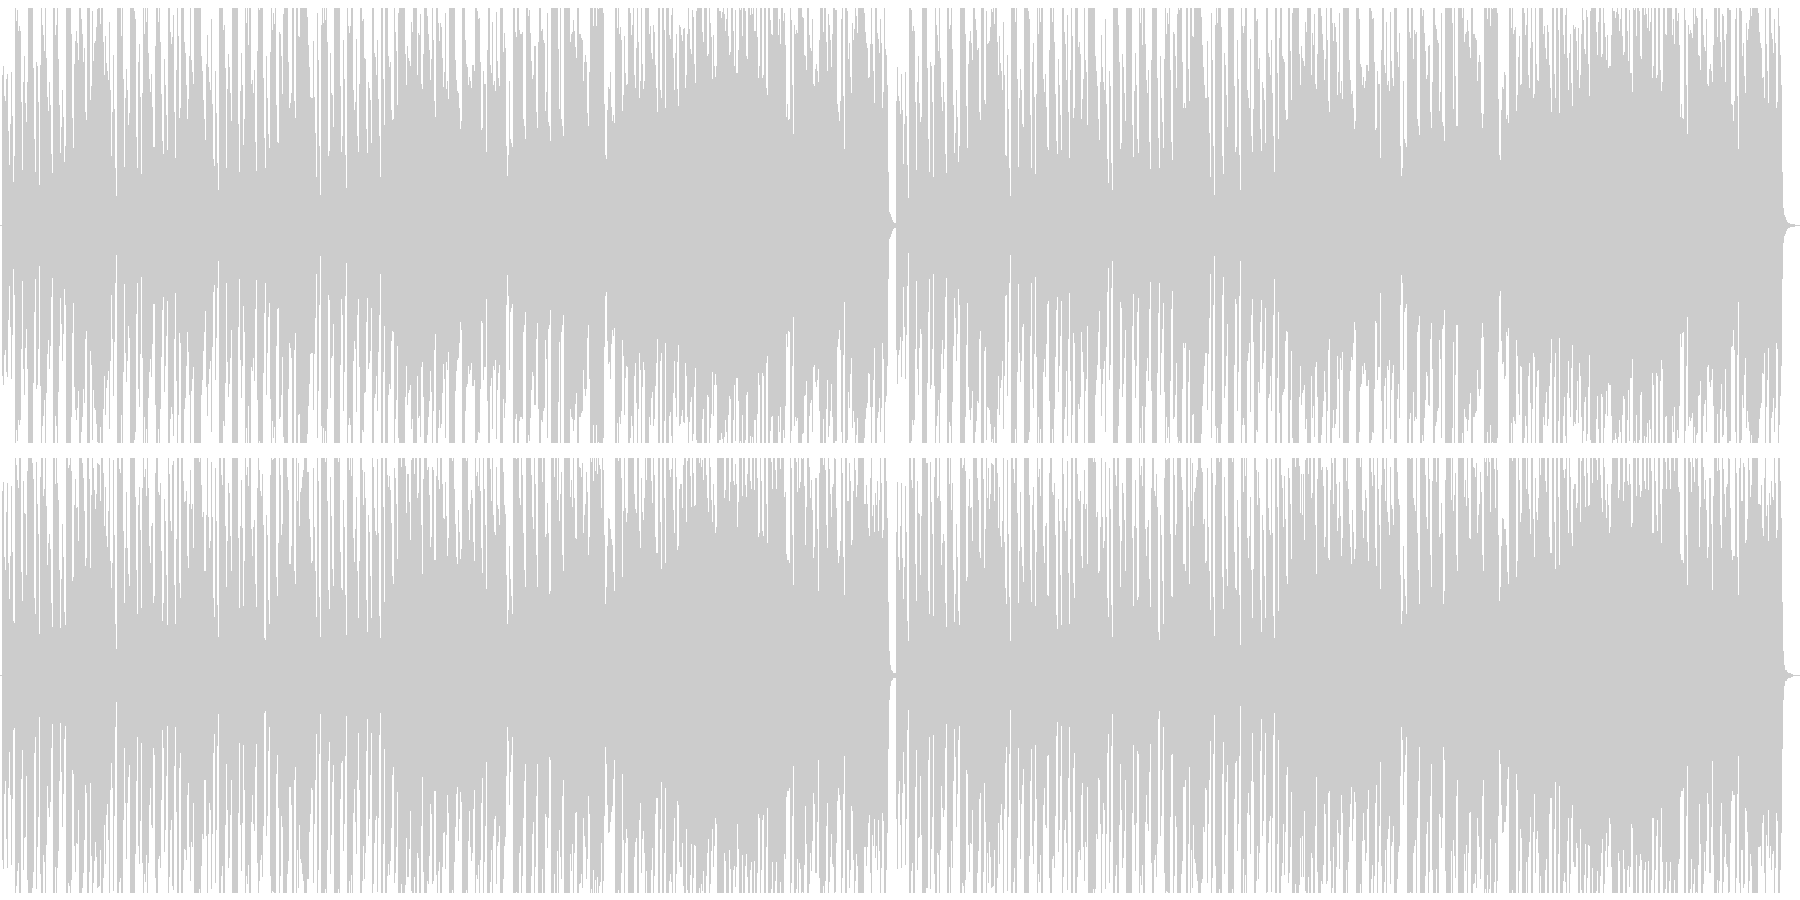 おしゃれなカフェBGMの未再生の波形